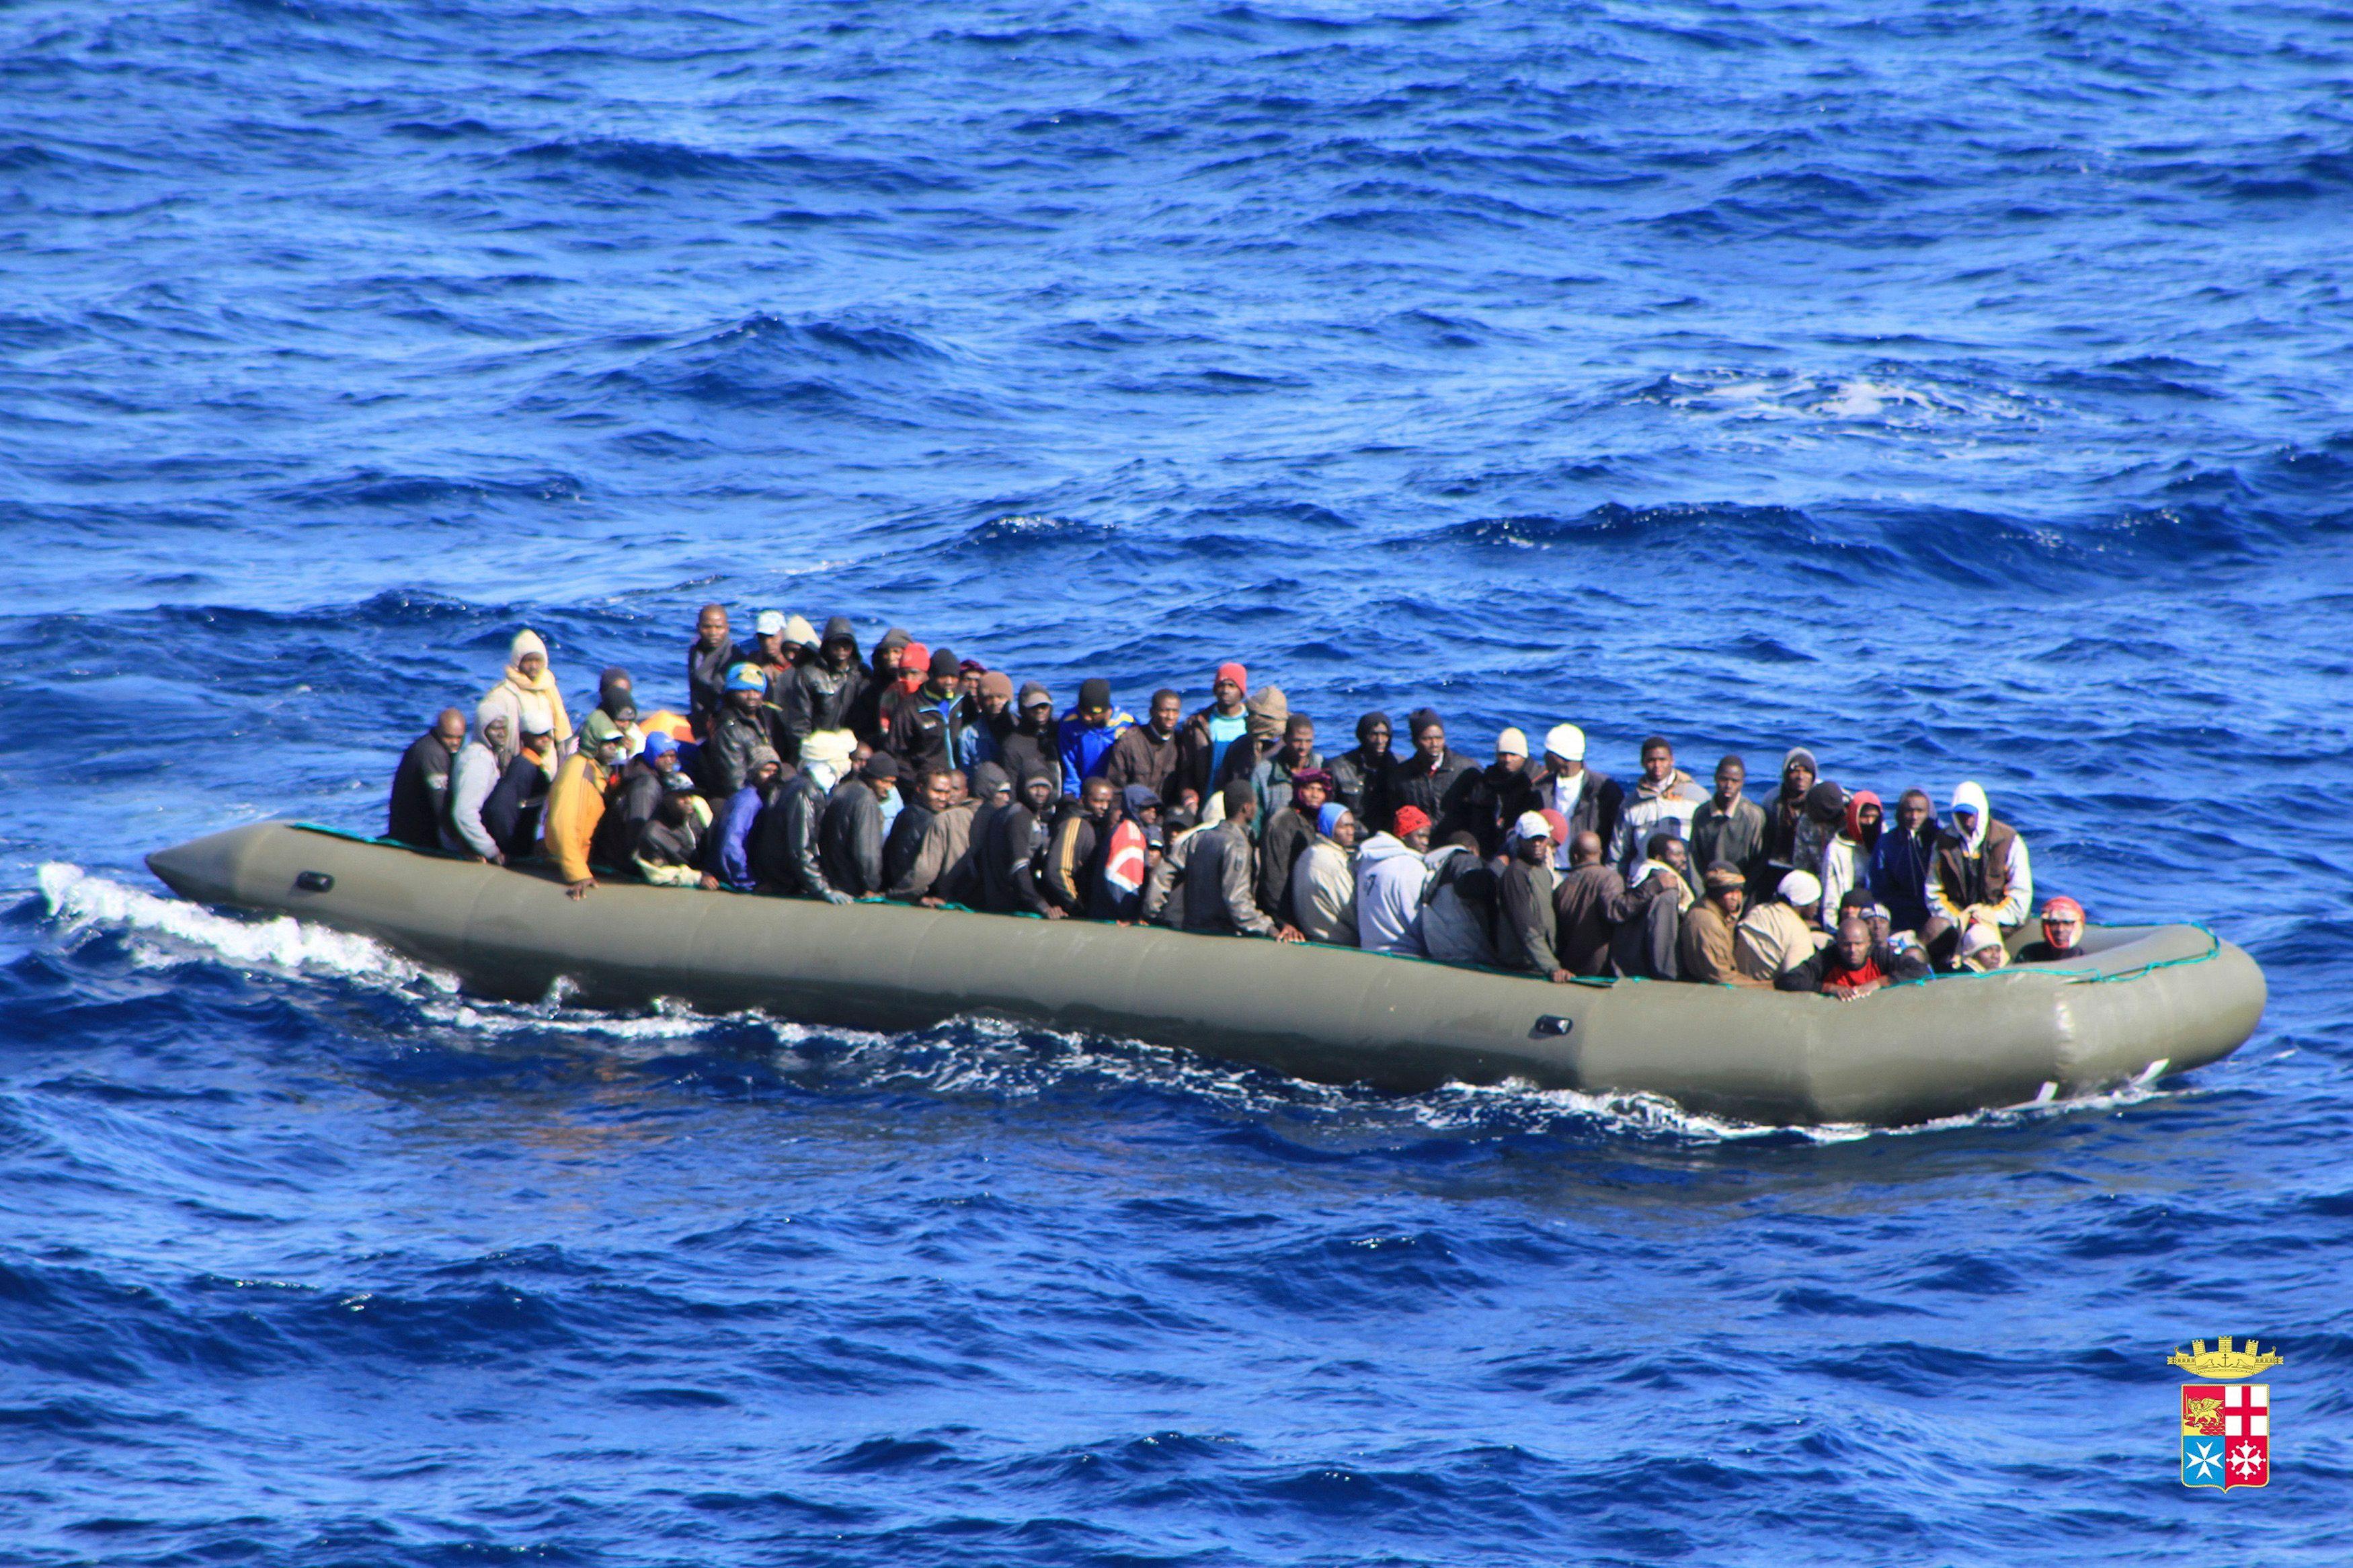 Selon l'Organisation internationale des migrations, plus d'un million de migrants sont entrés dans l'UE en 2015, dont près de 850 000 par la me Égée.